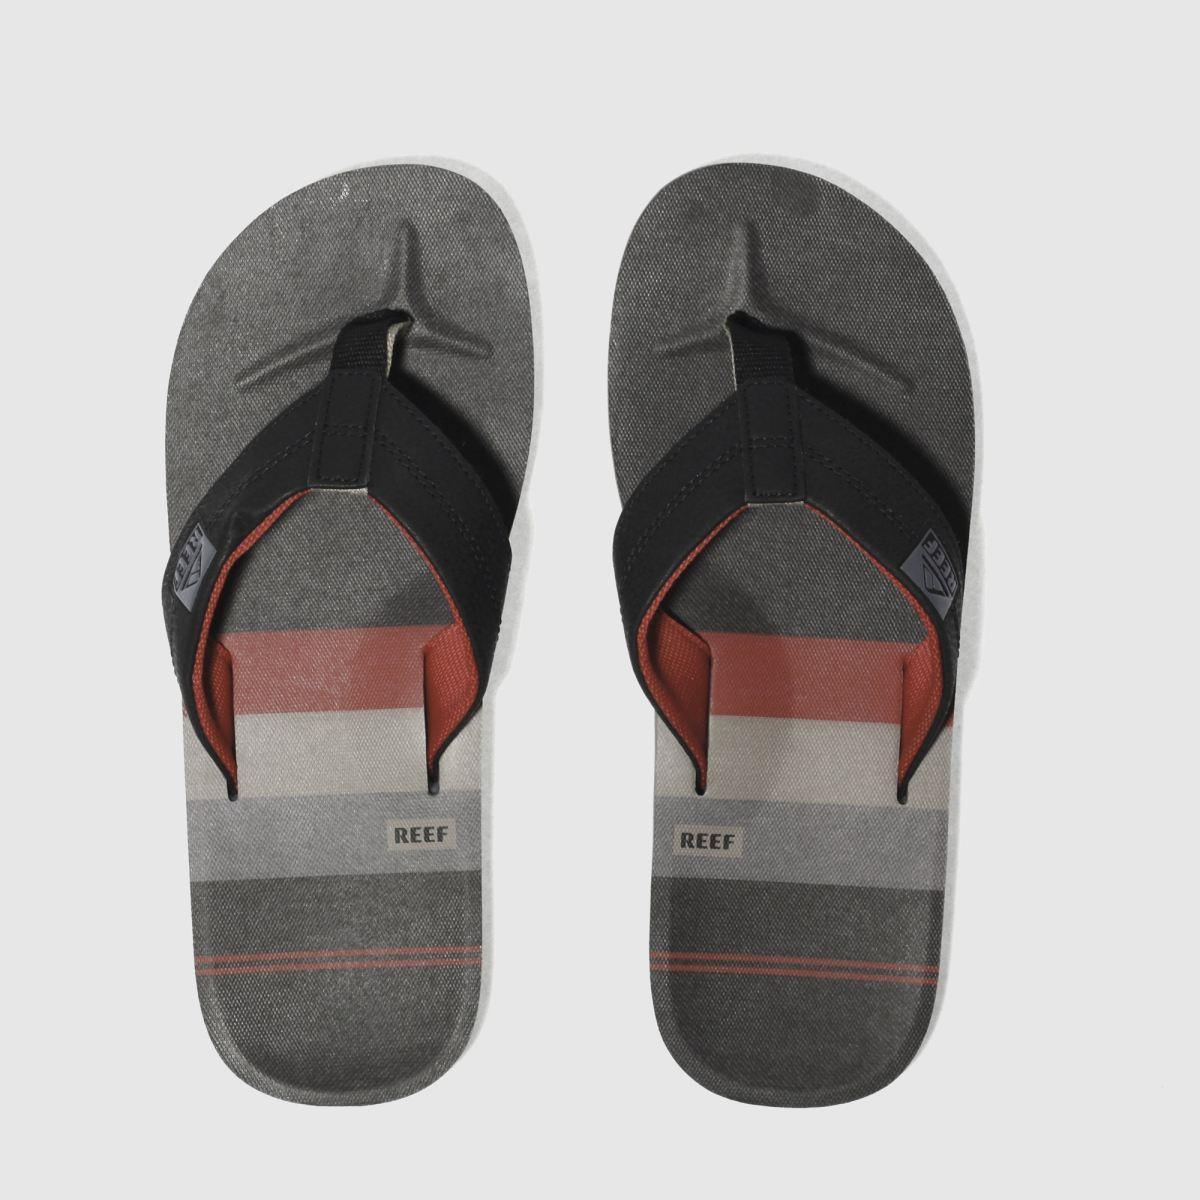 Reef Reef Black & Red Ht Prints Sandals